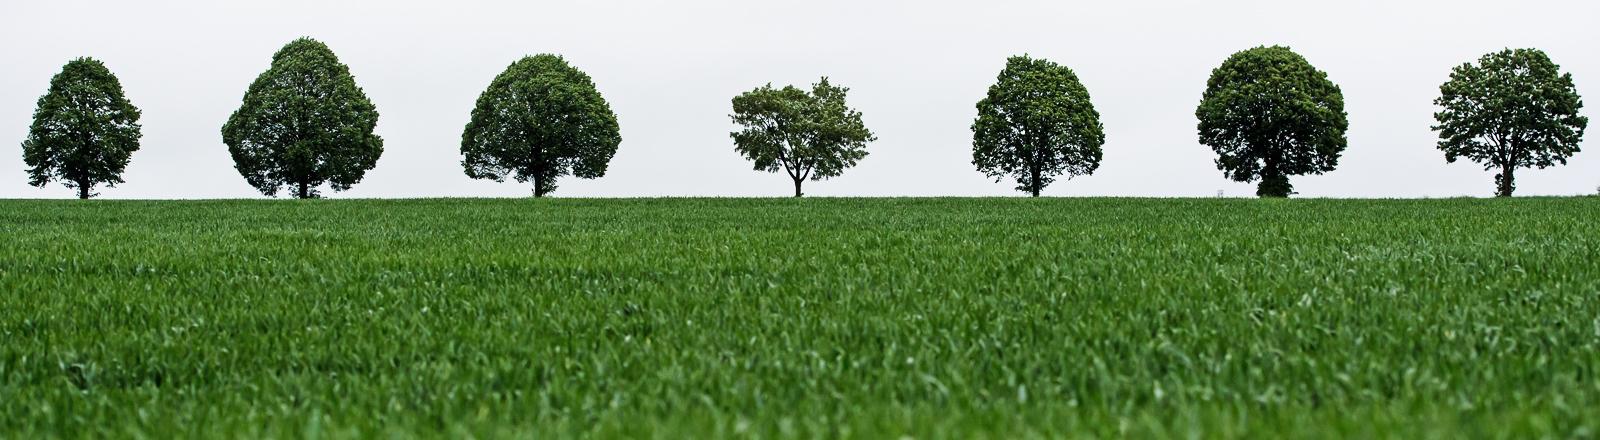 Ein bestelltes Feld mit Bäumen.